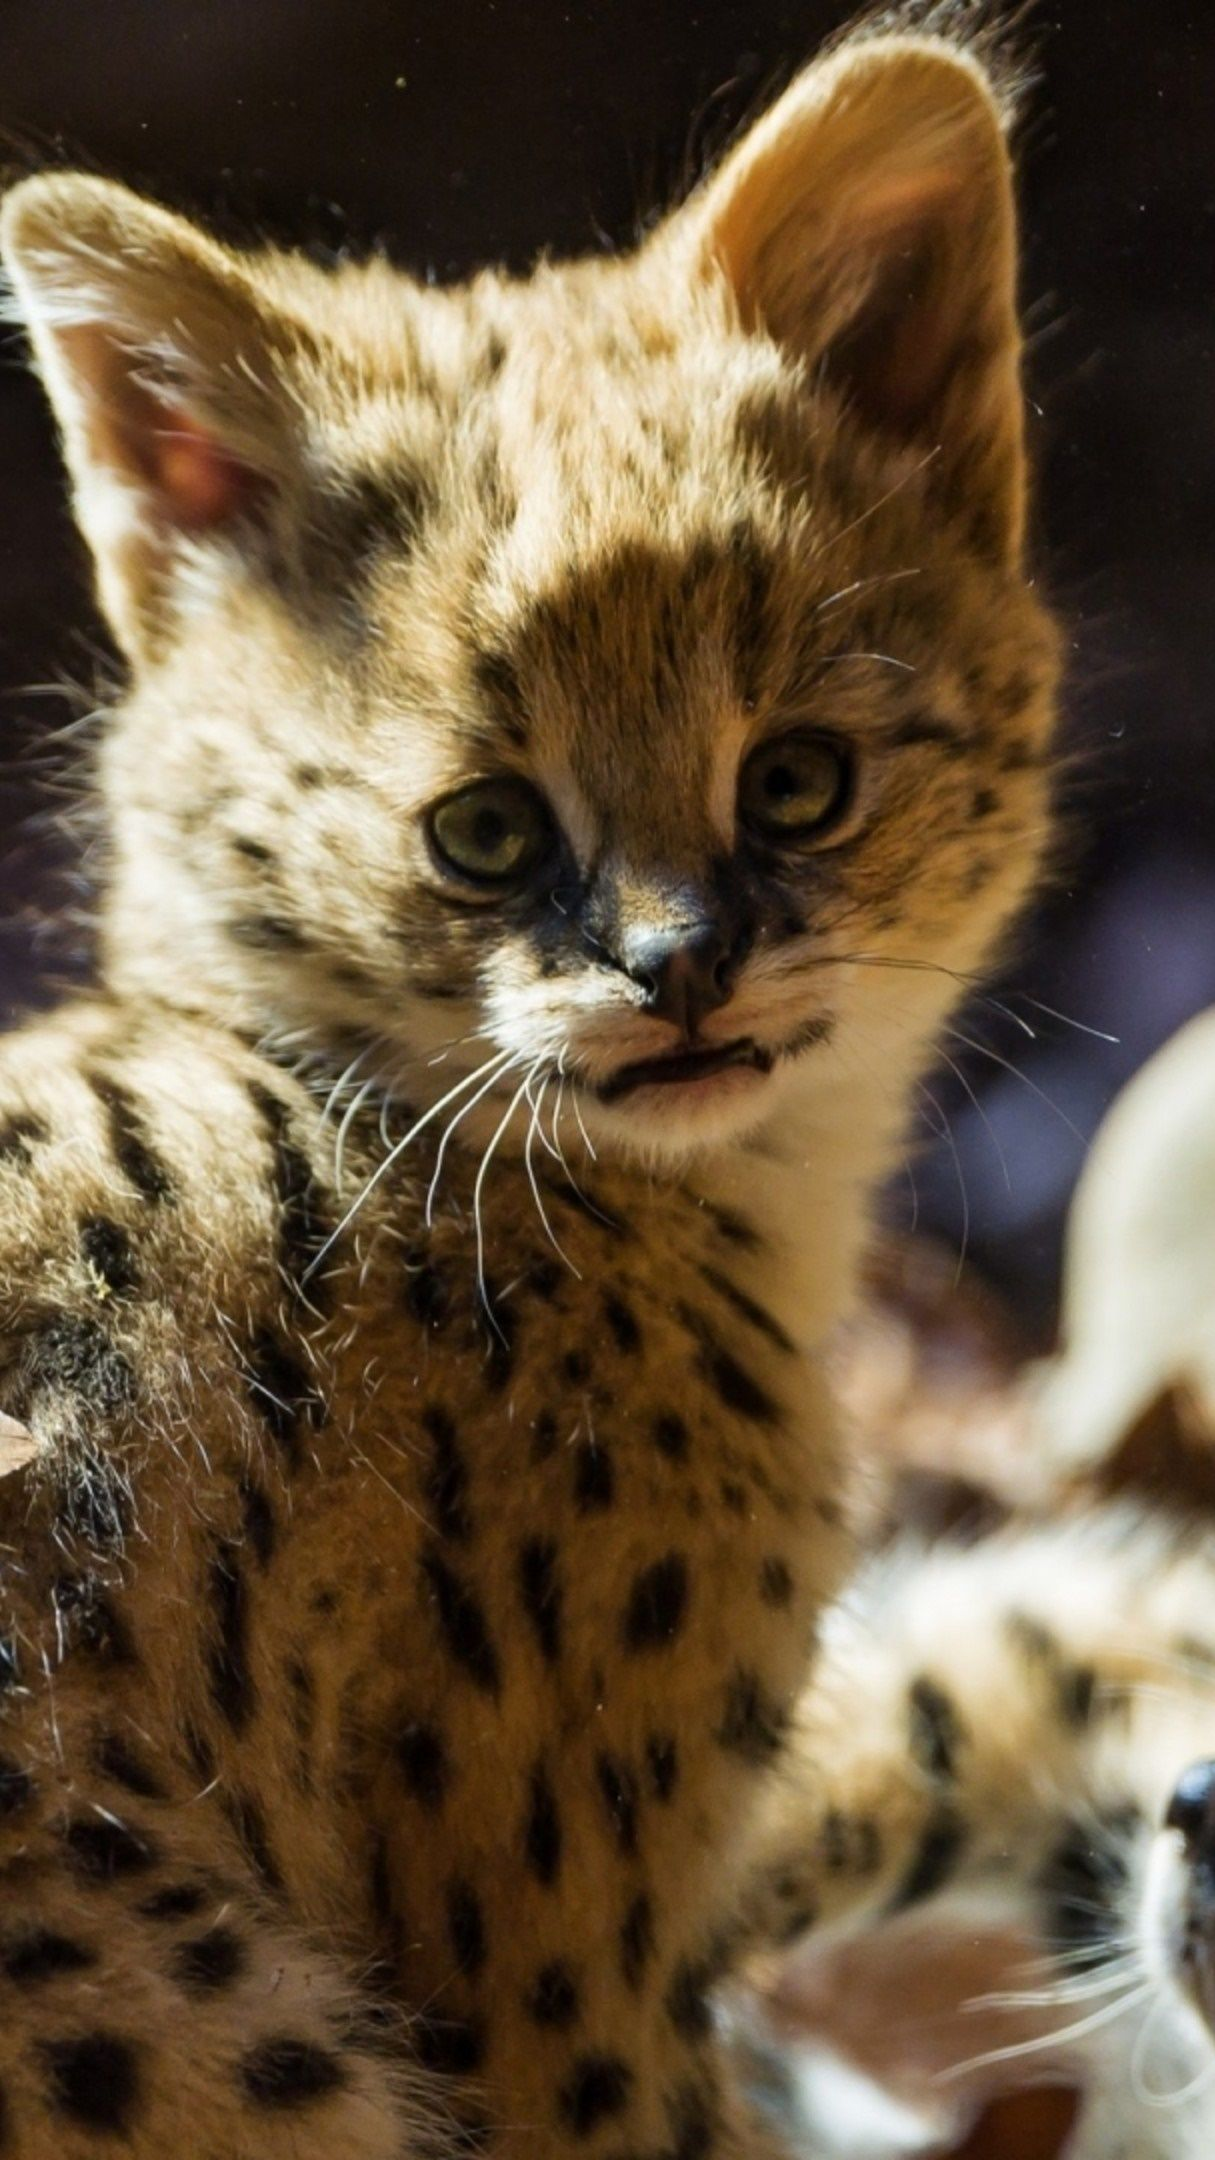 Cute baby jaguar 4K UltraHD wallpaper - backiee